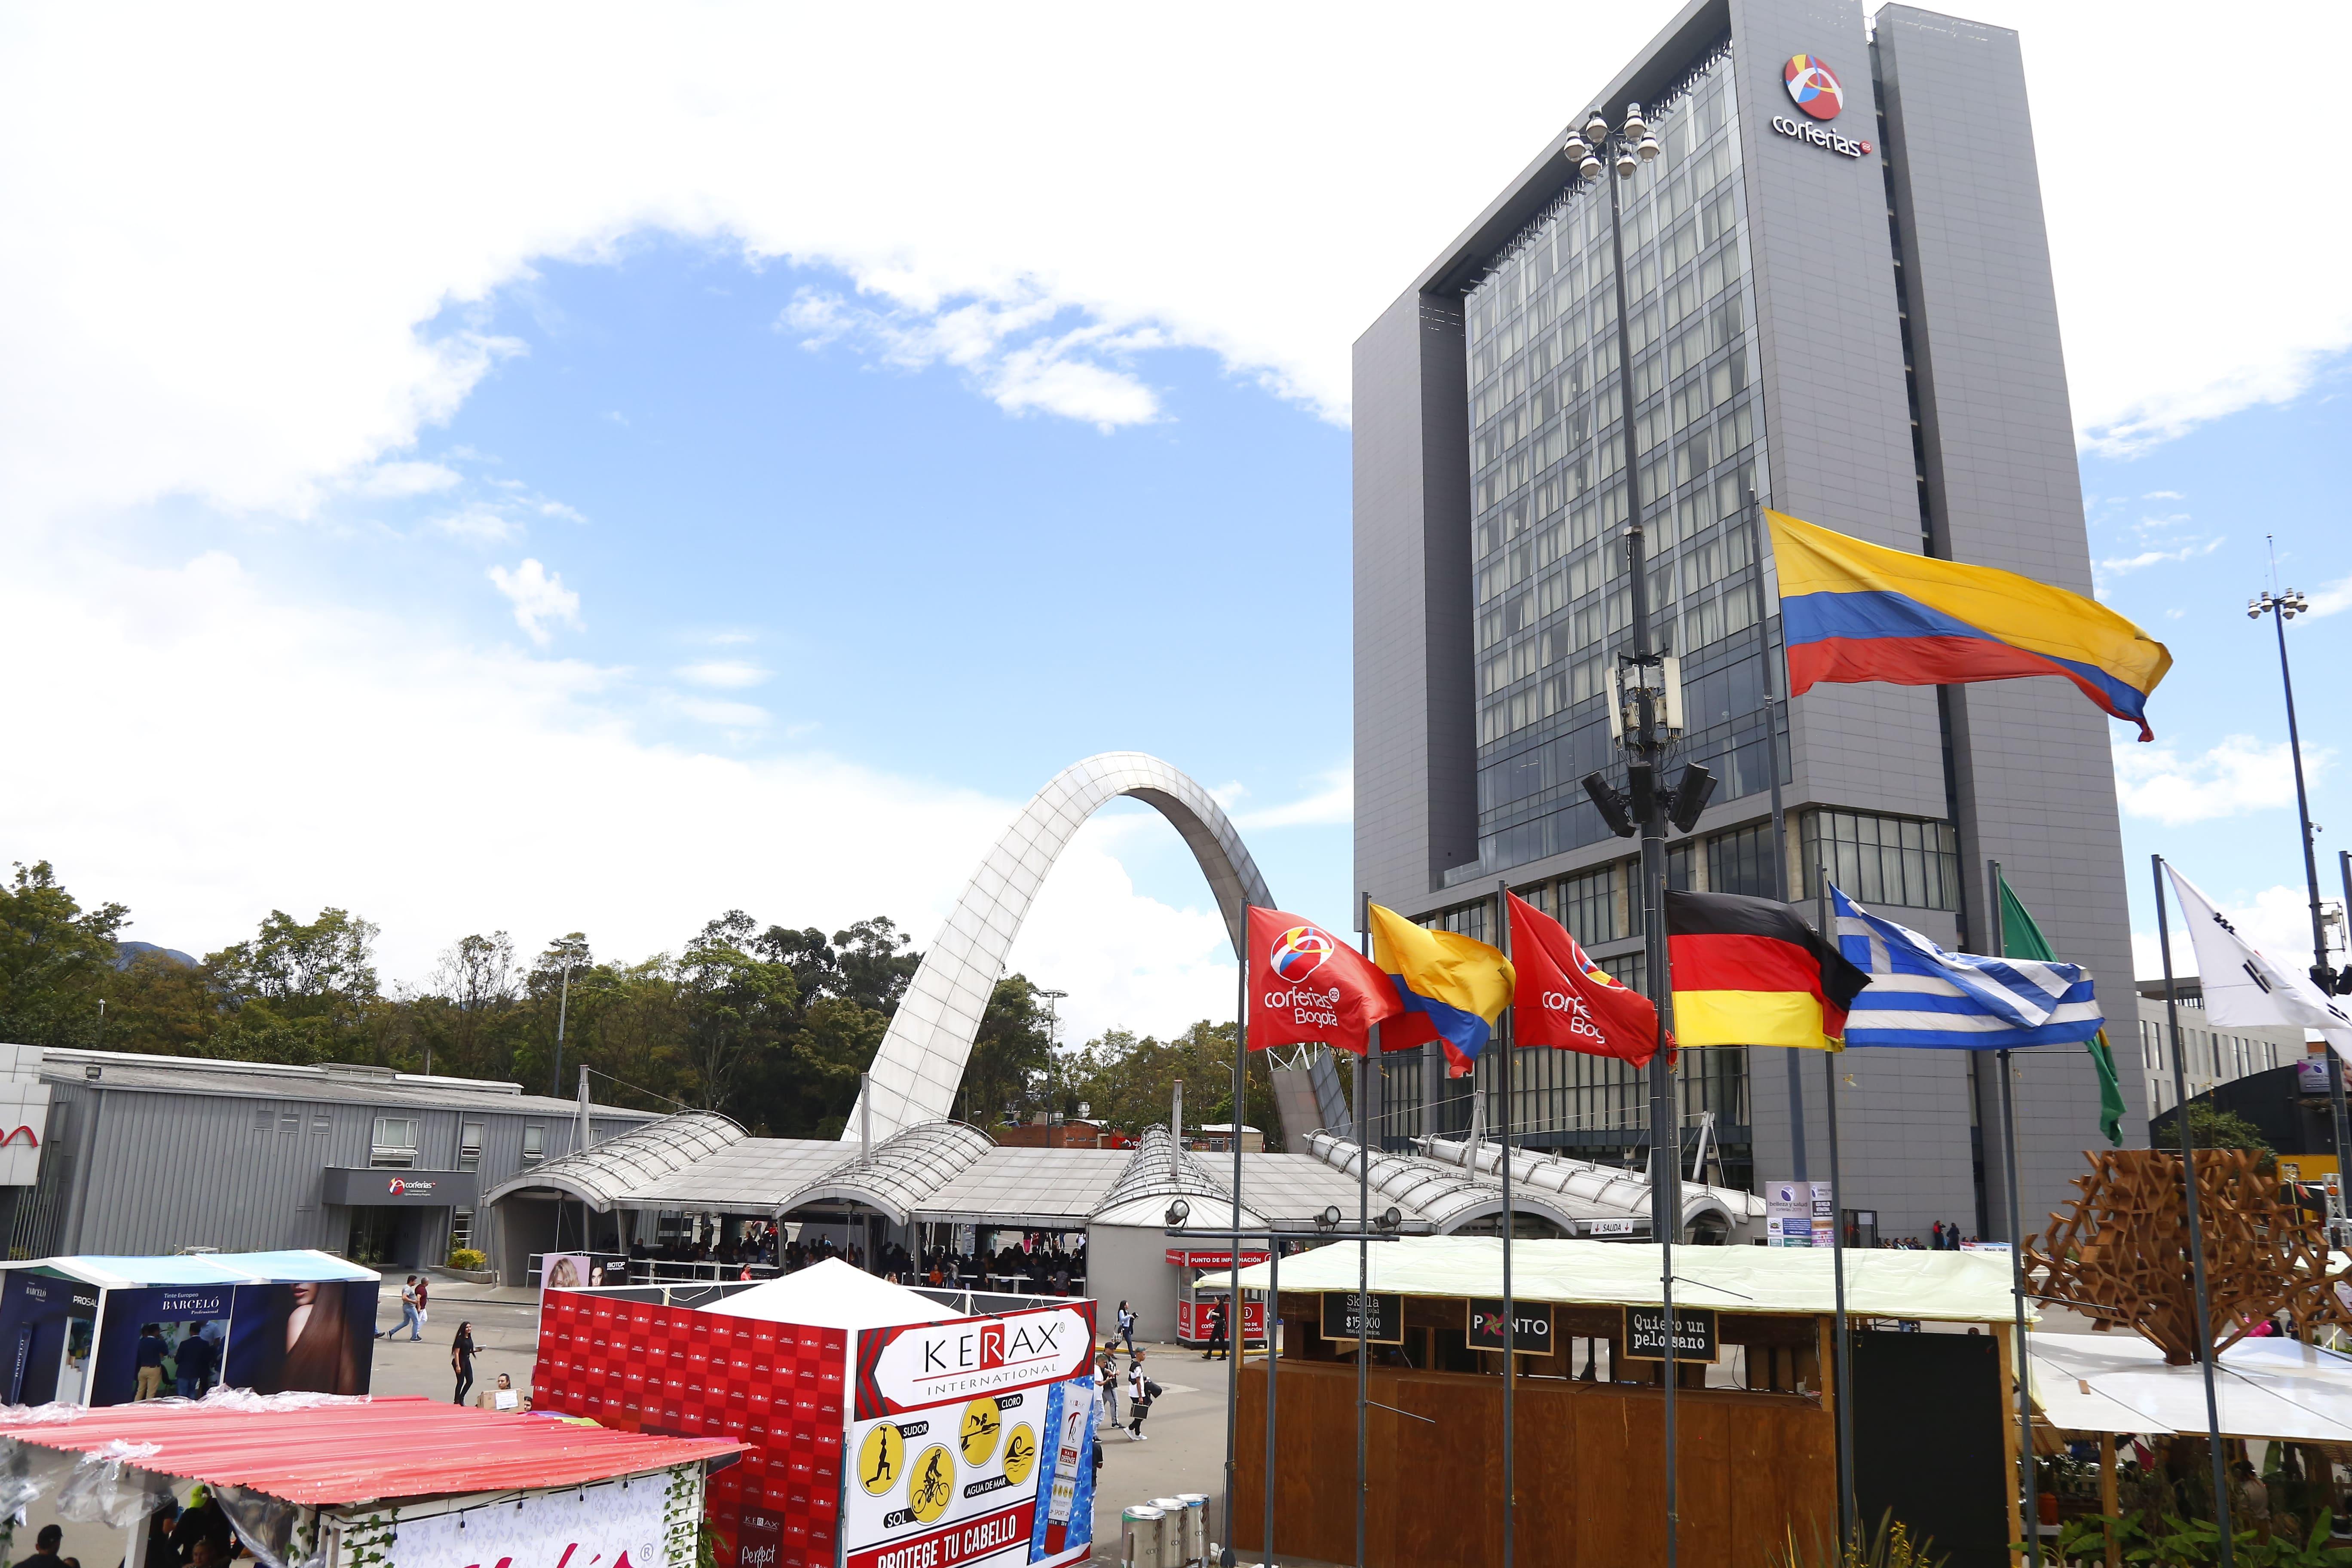 La industria de la Belleza en Colombia se reactiva con más de 250 expositores participantes de la feria de Belleza y Salud en Corferias